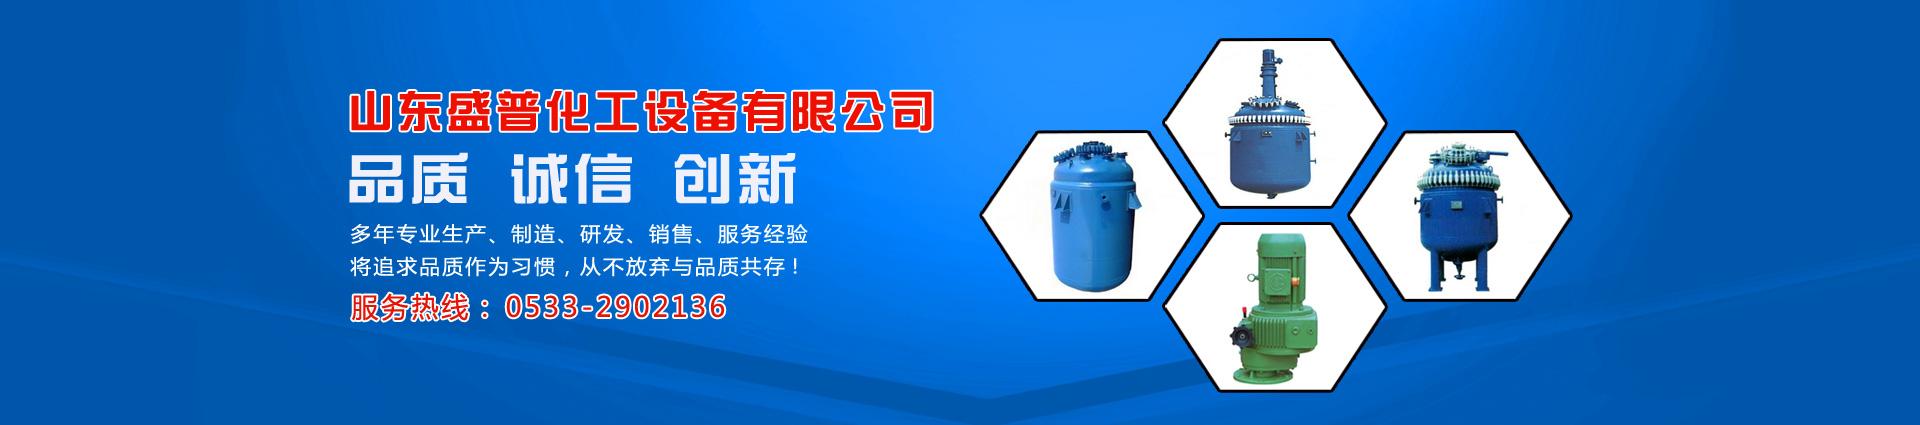 搪瓷反应罐厂家